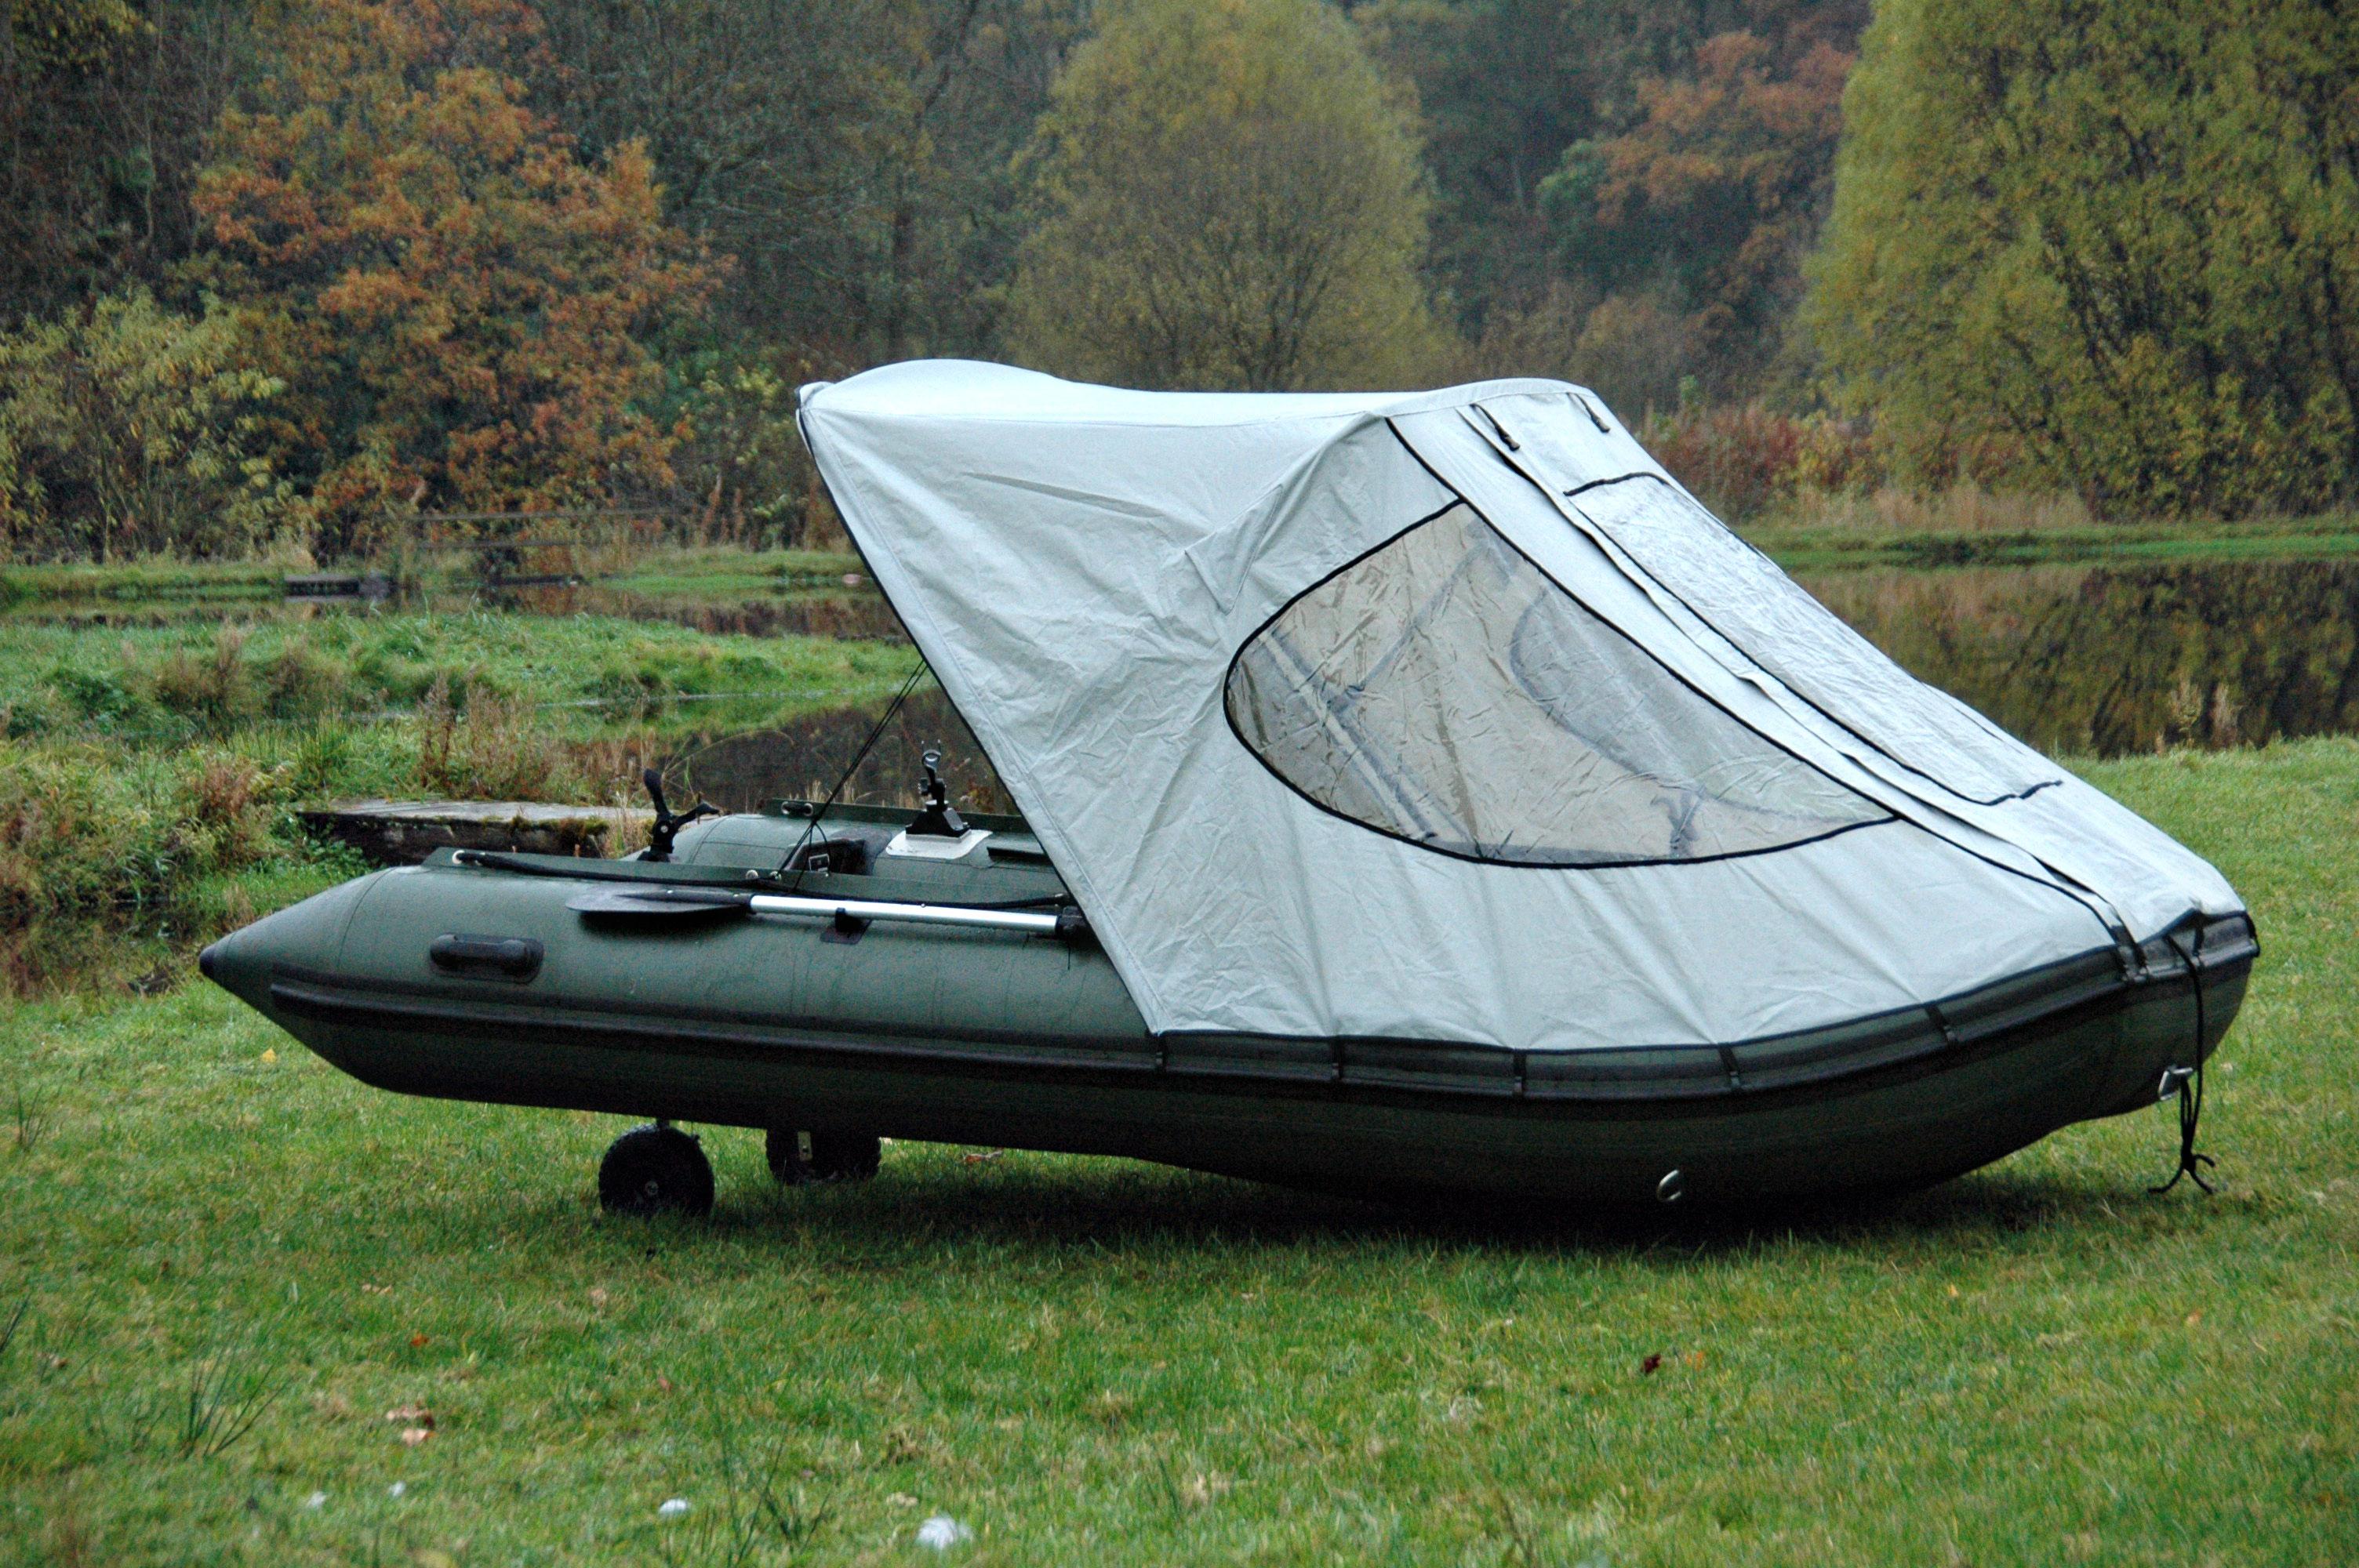 Bison Marine Bimini Cockpit Tente Auvent Pour Bateau Gonflable